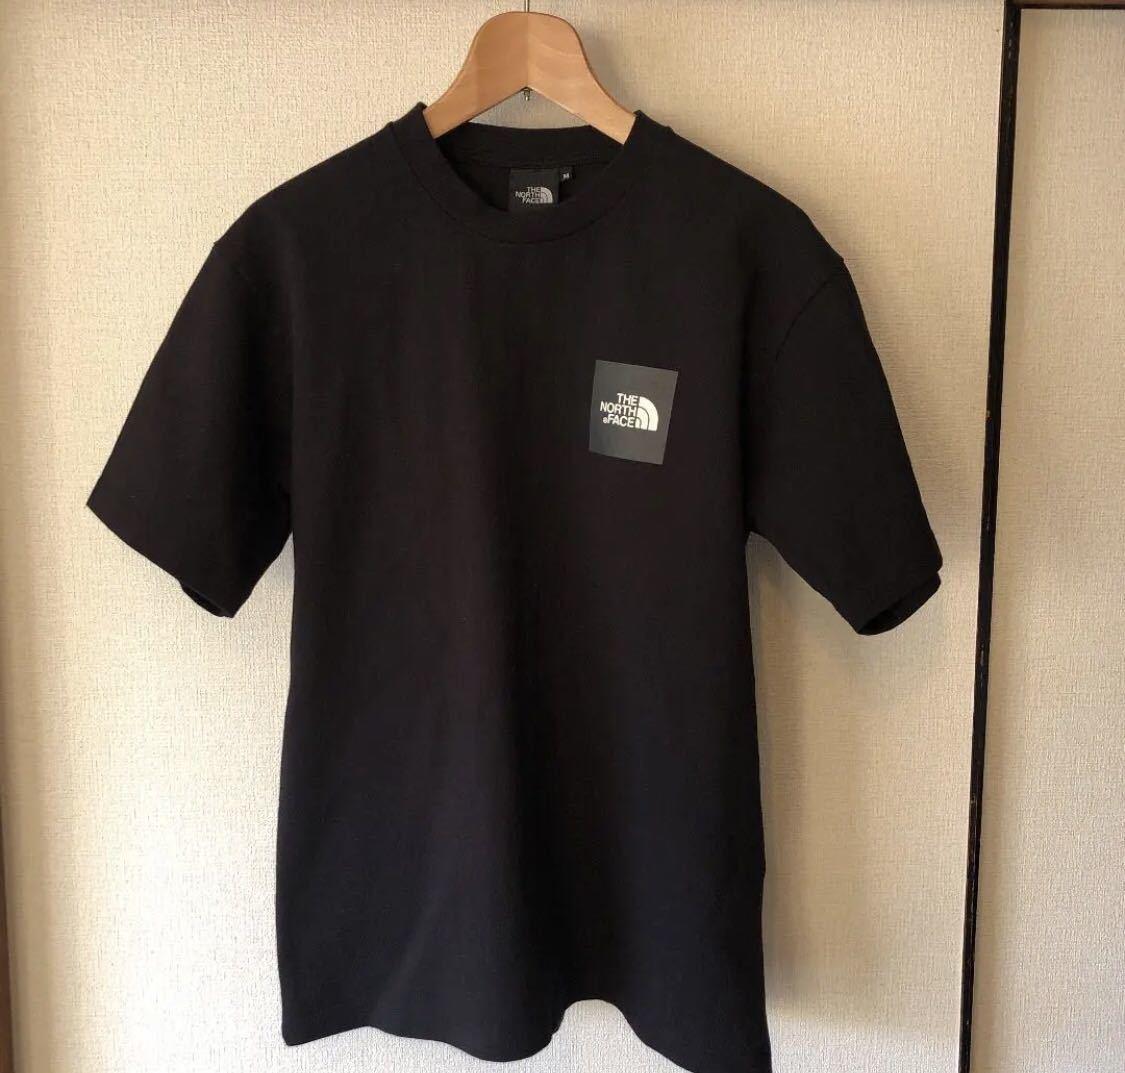 ノースフェイス ボックスロゴ Tシャツ Mサイズ ブラック シュプリーム カットソー